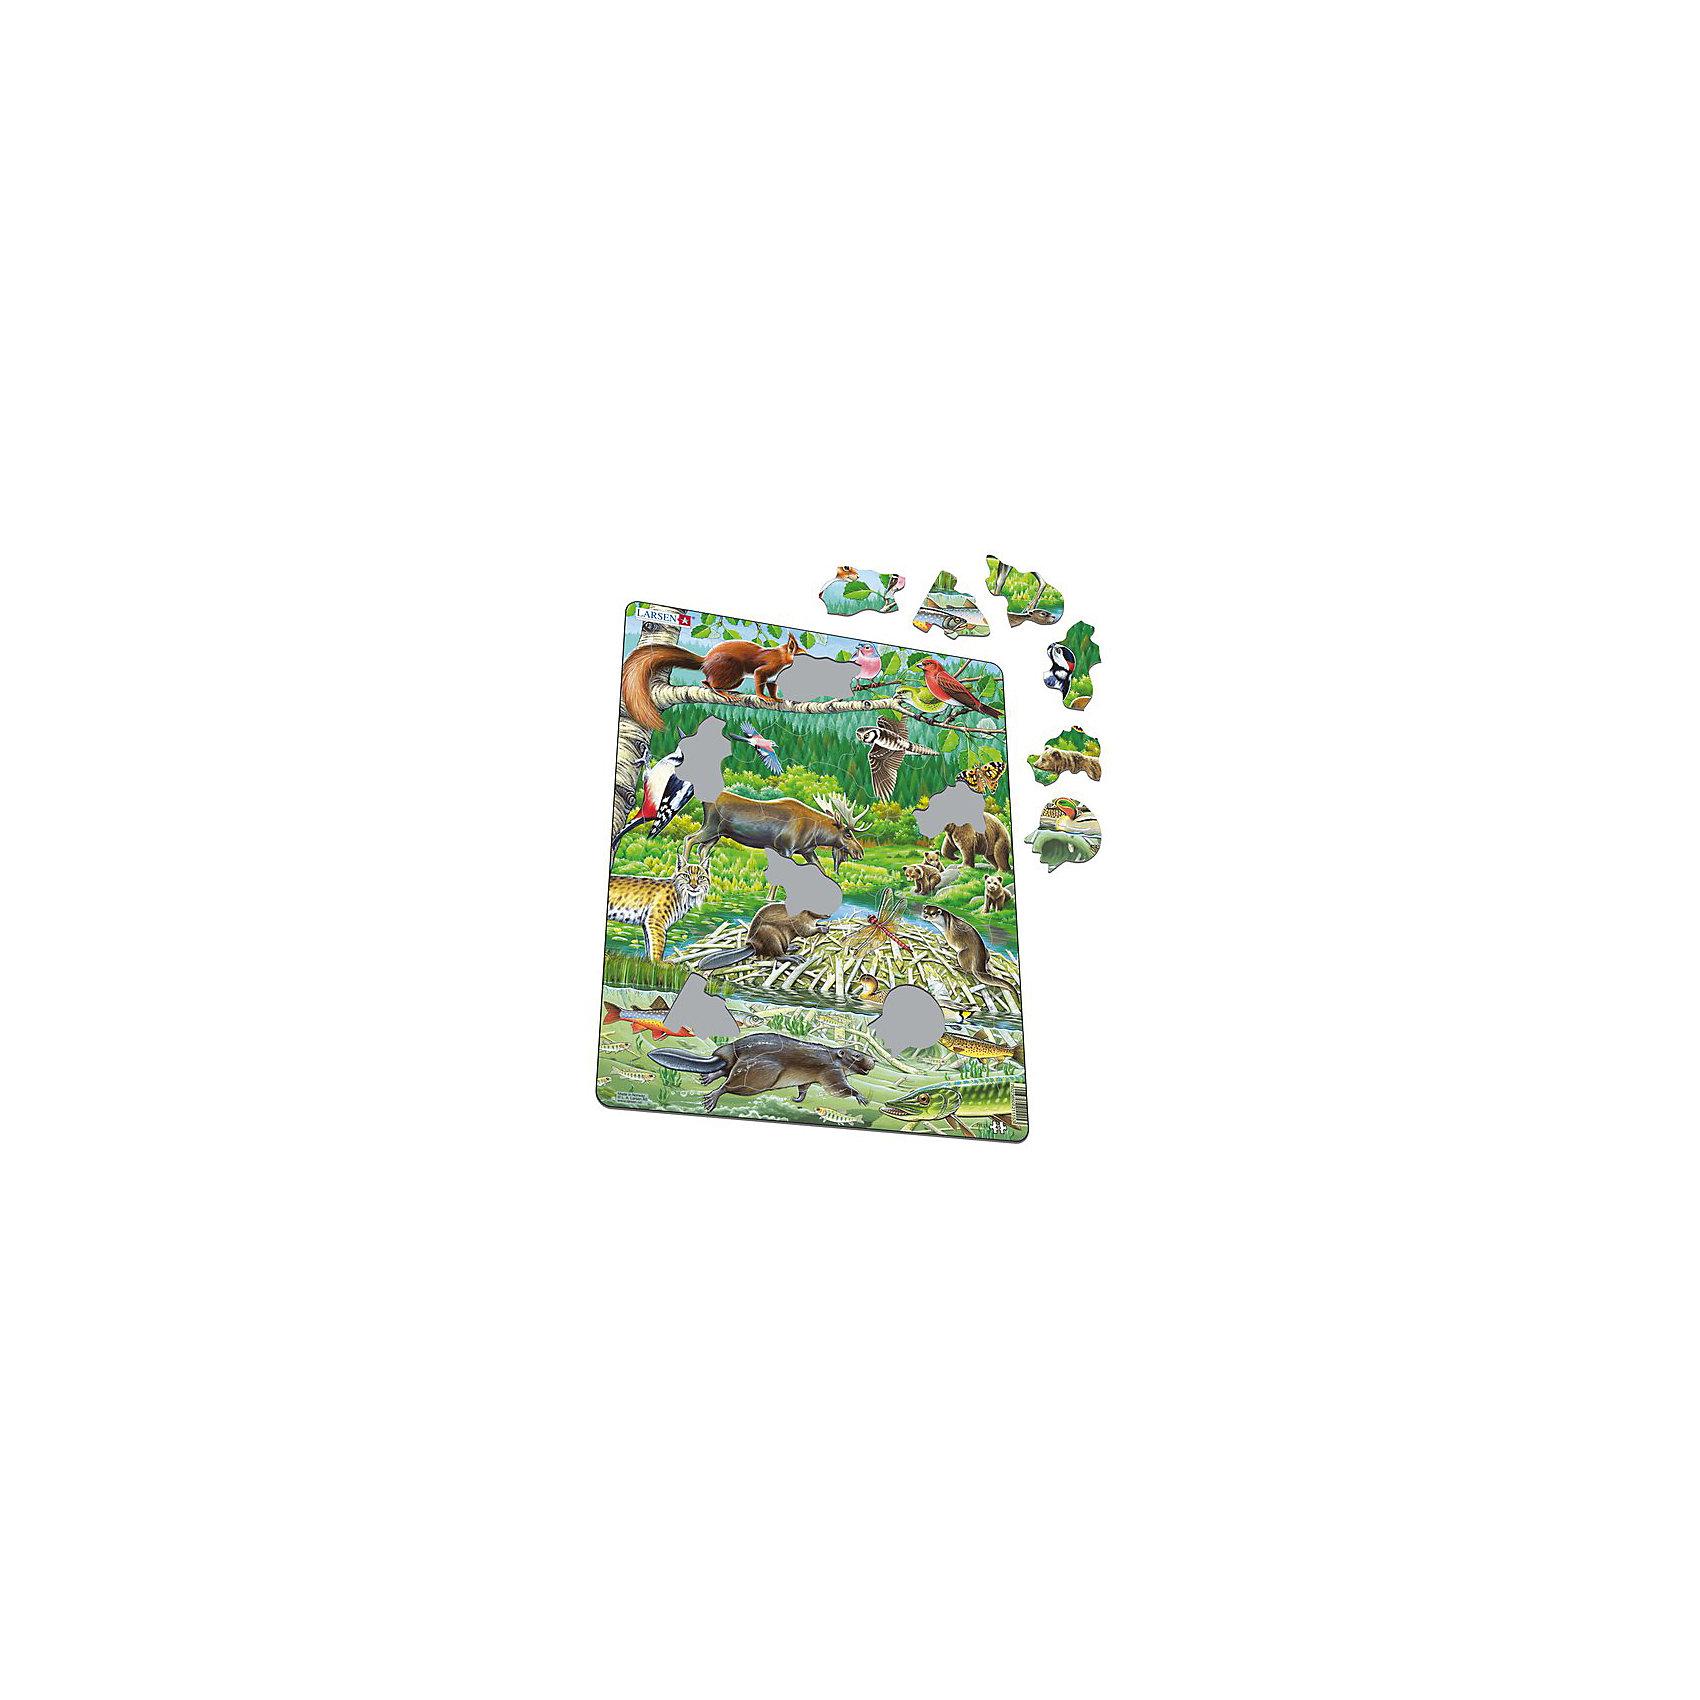 Пазл Северный лес, 45 деталей, LarsenКоличество деталей<br>Яркая серия Флора и Фауна норвежской фирмы Ларсен представляет пазл, на котором представлены лесные жители. С фотографической точностью прорисованы обитатели и растительный мир самых отдаленных уголков планеты. Благодаря яркому развивающему набору у детей формируется образное и логическое мышление, развивается внимание, память. Детали пазла выполнены из трехслойного картона, не деформируются и удобны для маленьких детских ручек. В наборе: 45 элементов пазла<br><br>Ширина мм: 365<br>Глубина мм: 5<br>Высота мм: 285<br>Вес г: 320<br>Возраст от месяцев: 36<br>Возраст до месяцев: 1188<br>Пол: Унисекс<br>Возраст: Детский<br>SKU: 4761476